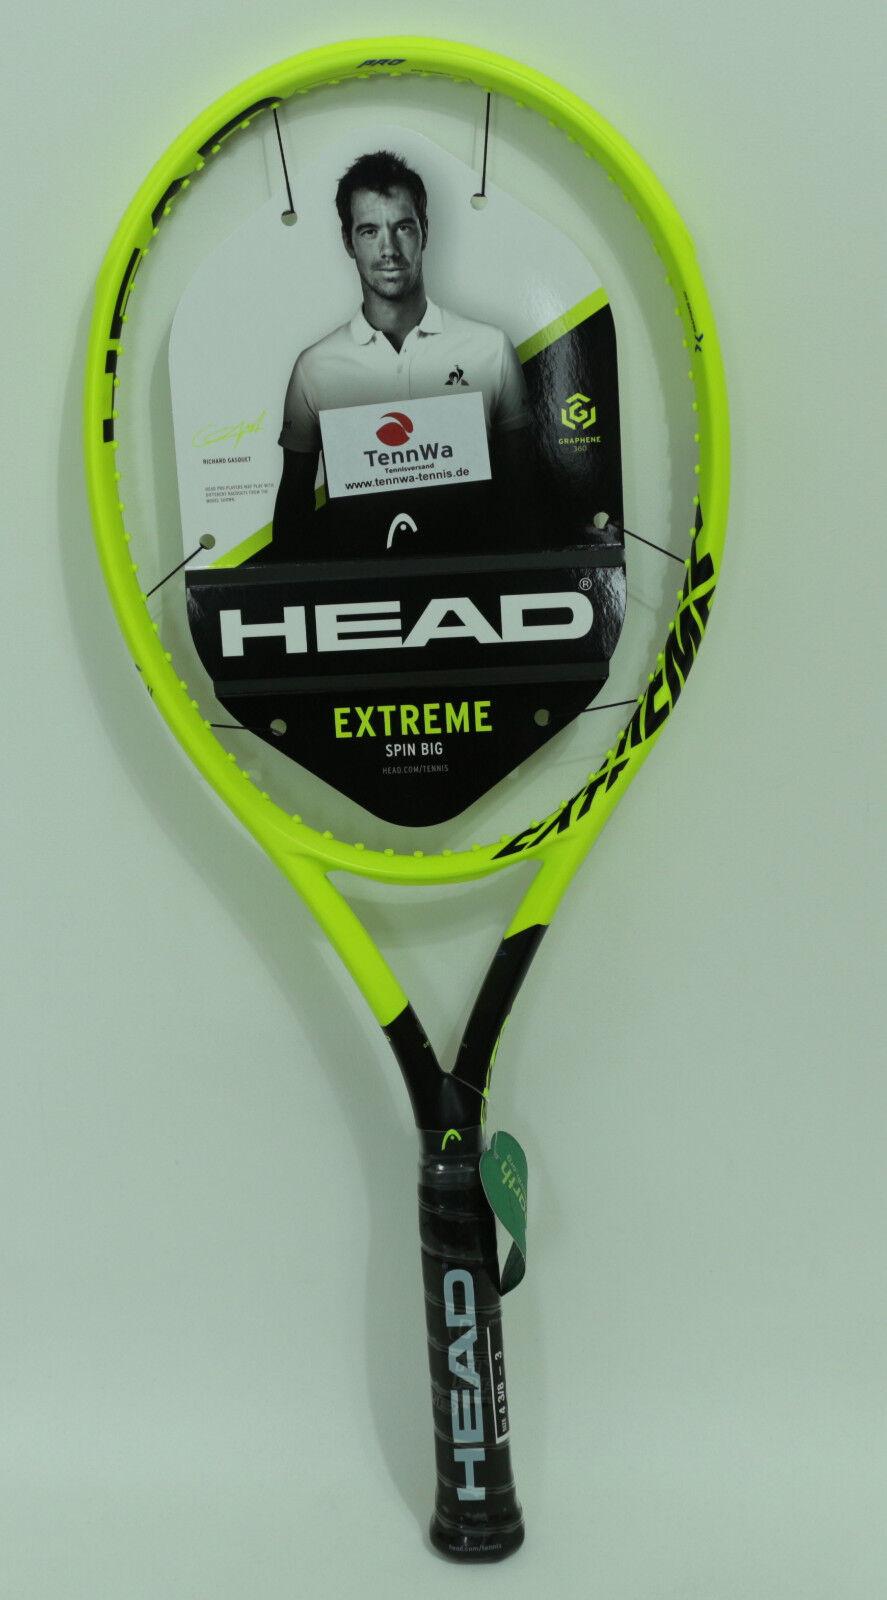 Novità  Head Graphene 360 EXTREME PRO-Racchette da Tennis Incl. SPIN Molière